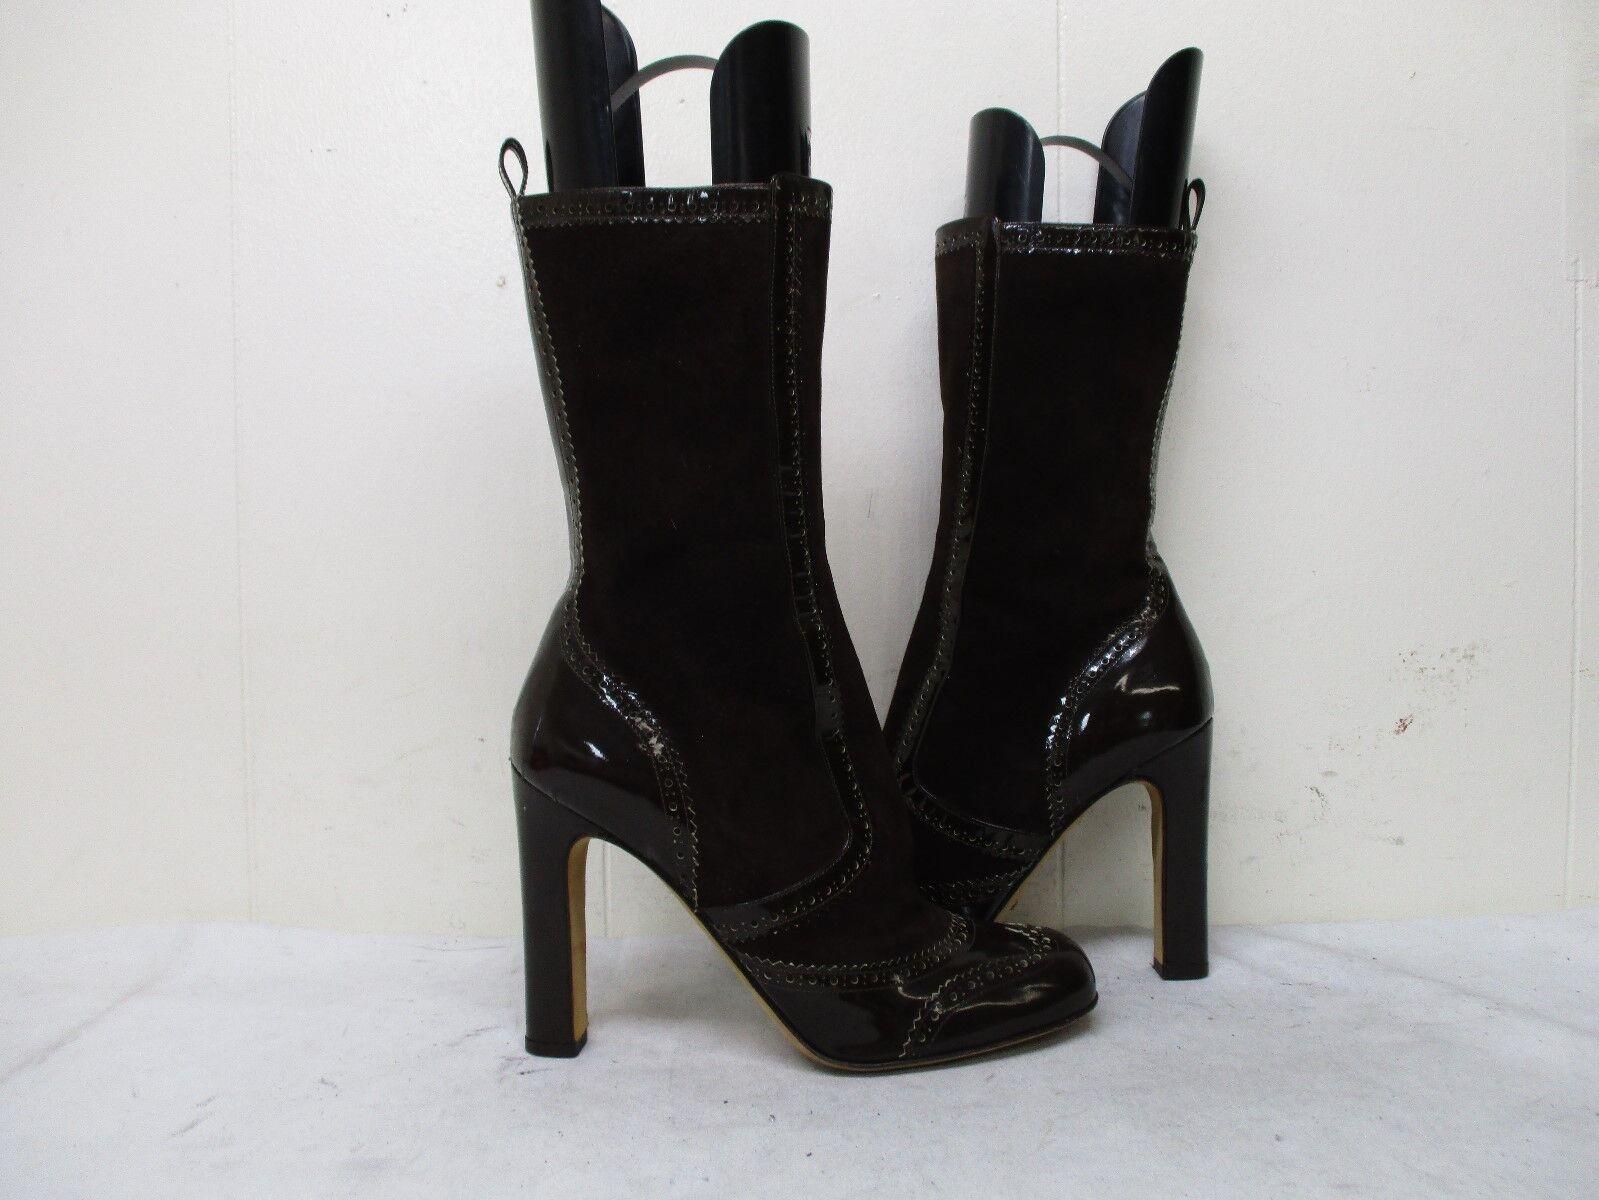 Alexandra Neel Brown Leather Suede Zip High Heel Mid Calf Boots Womens Sz 40 EUR